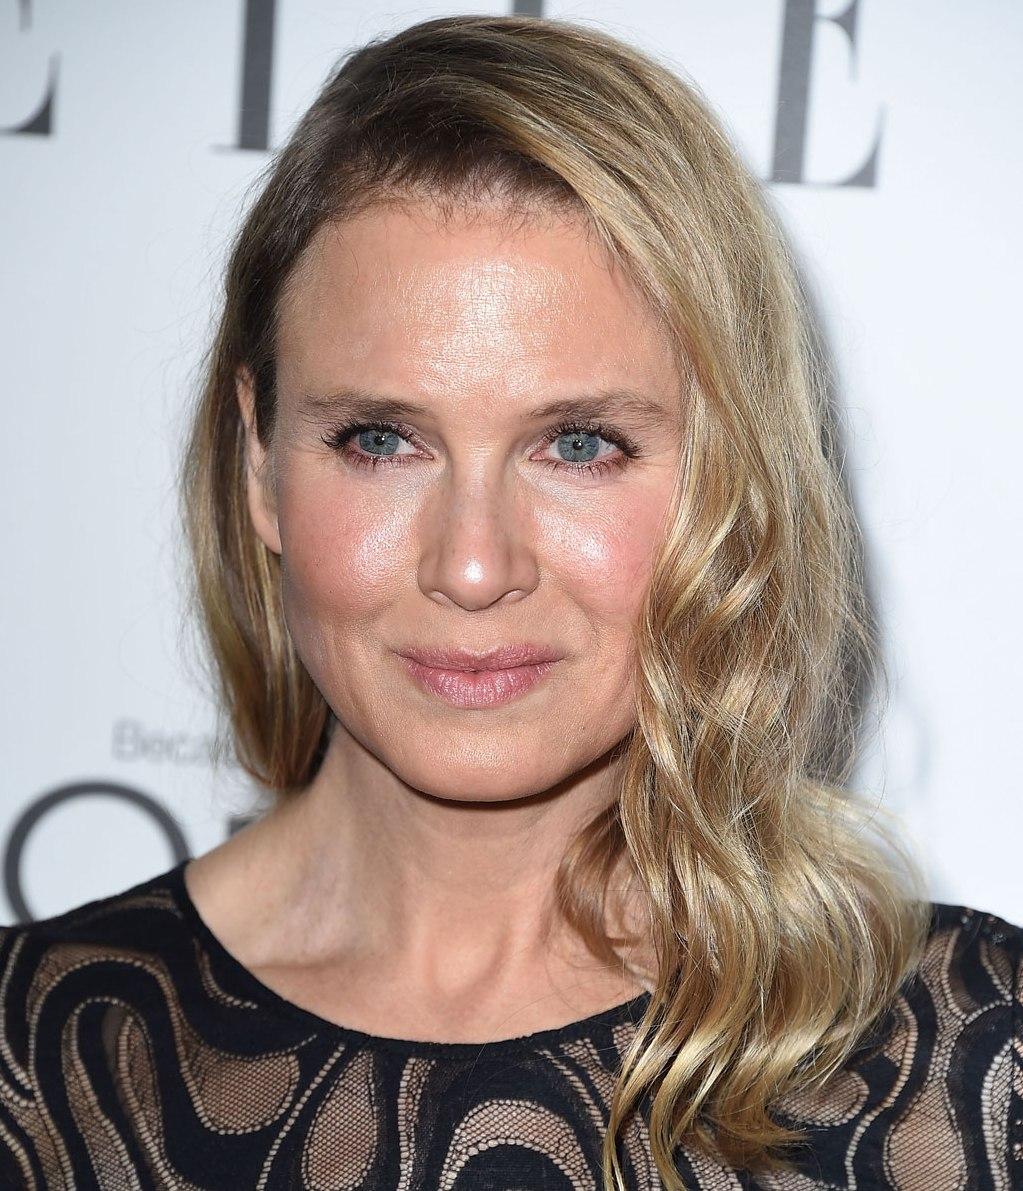 Renee Zellweger weighs in on potential fourth 'Bridget Jones' film